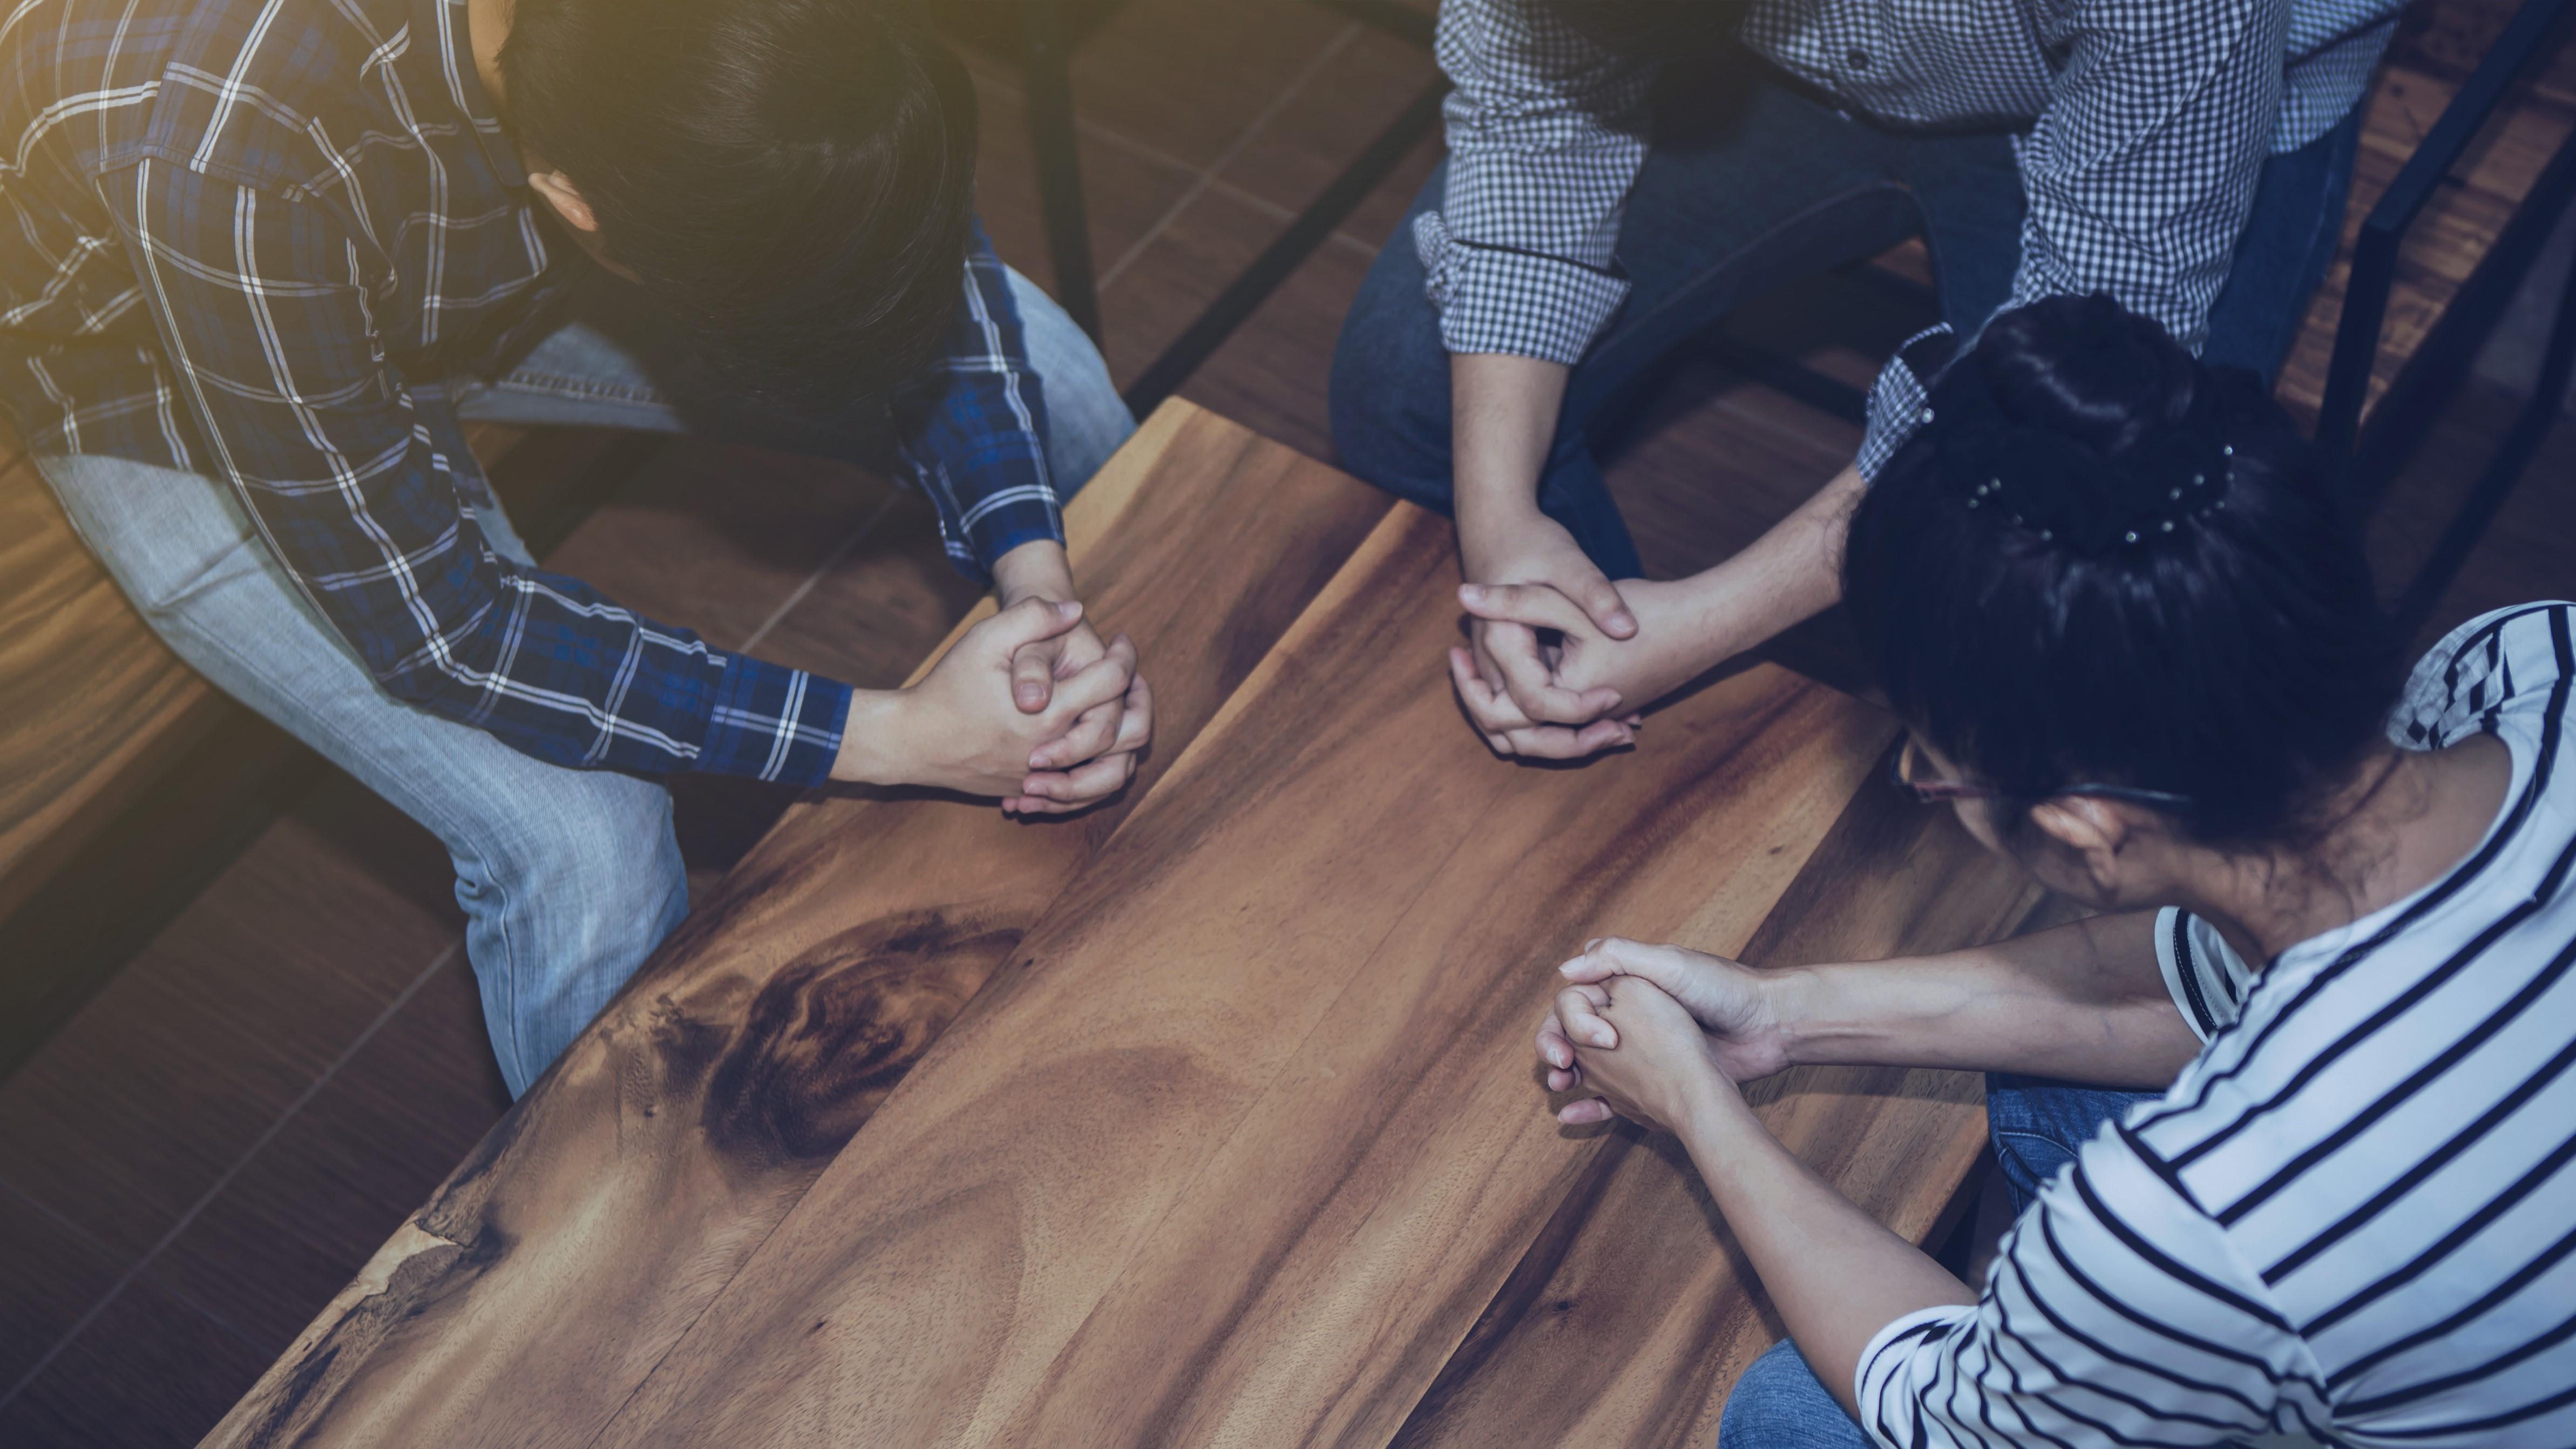 L'Église fournit notre connexion à l'expérience et donne l'amour